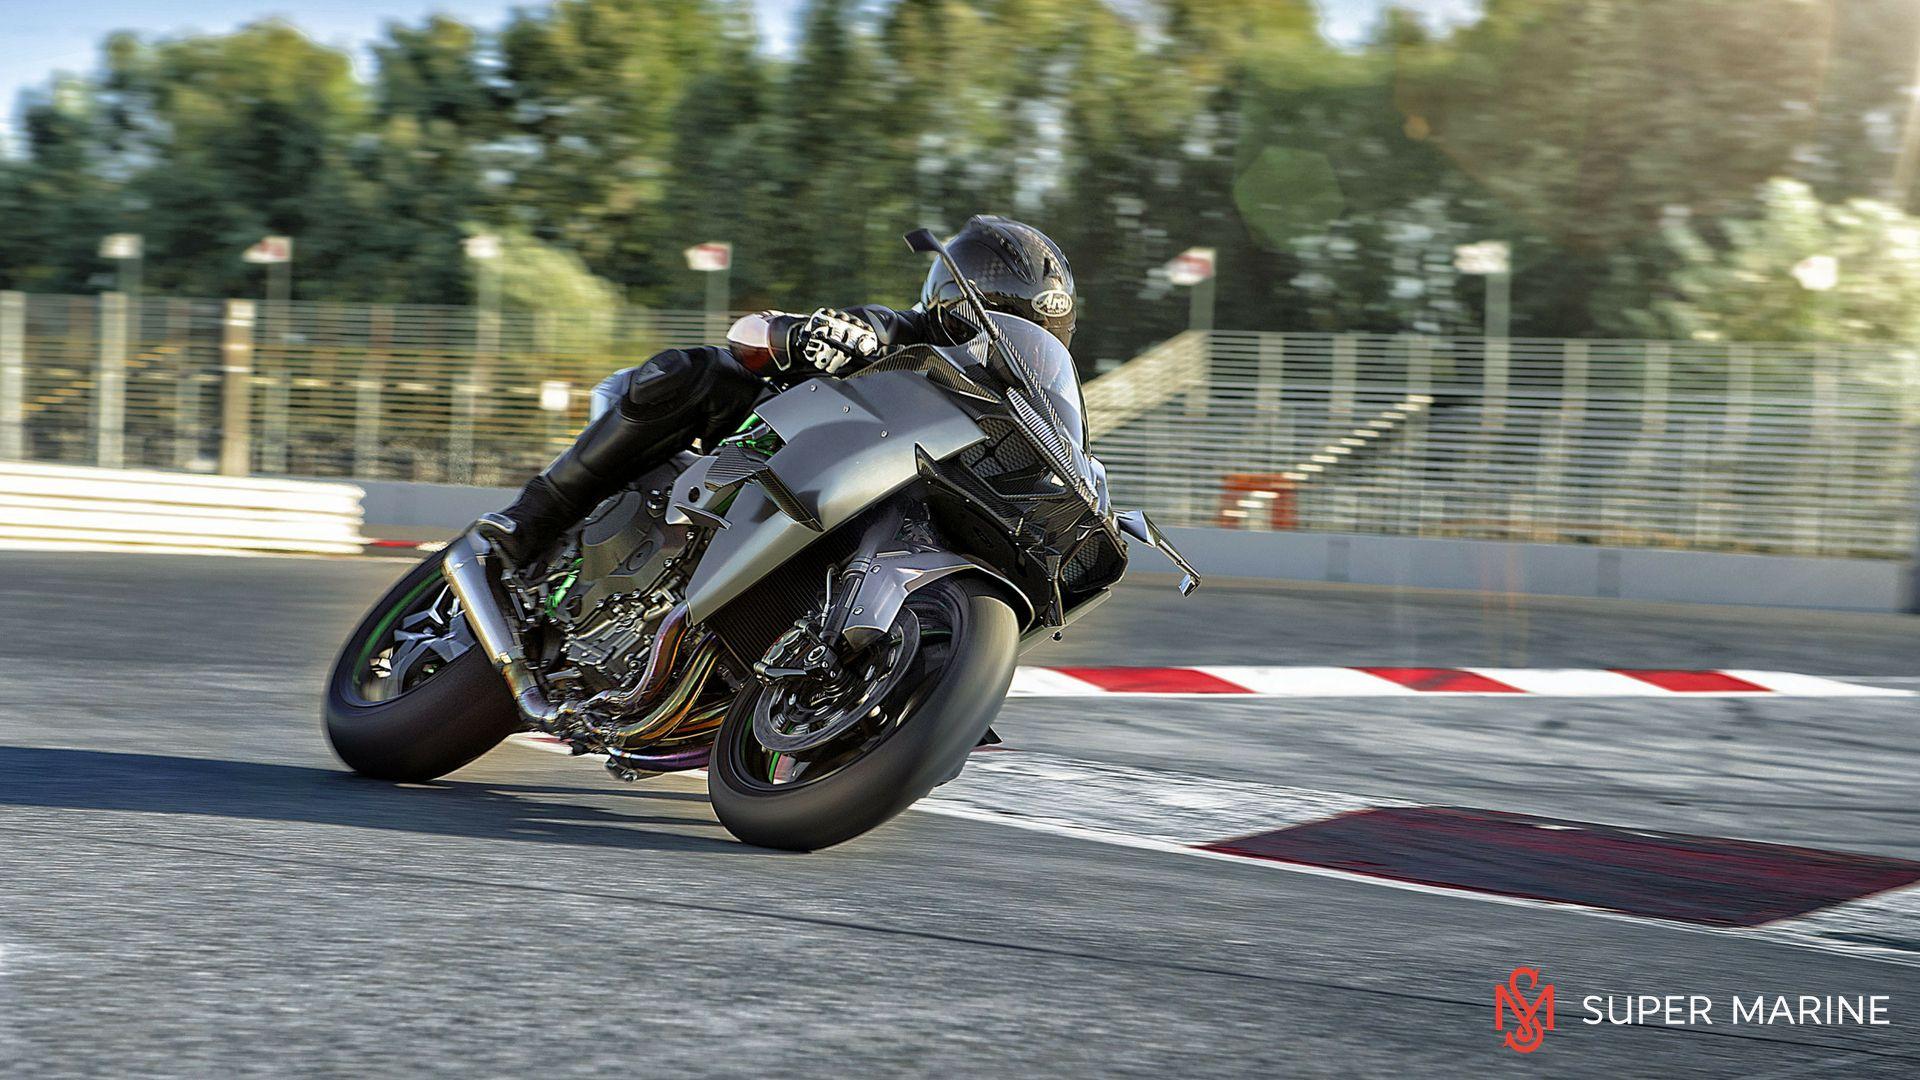 Мотоцикл Kawasaki Ninja H2R Серый 2020 - 5